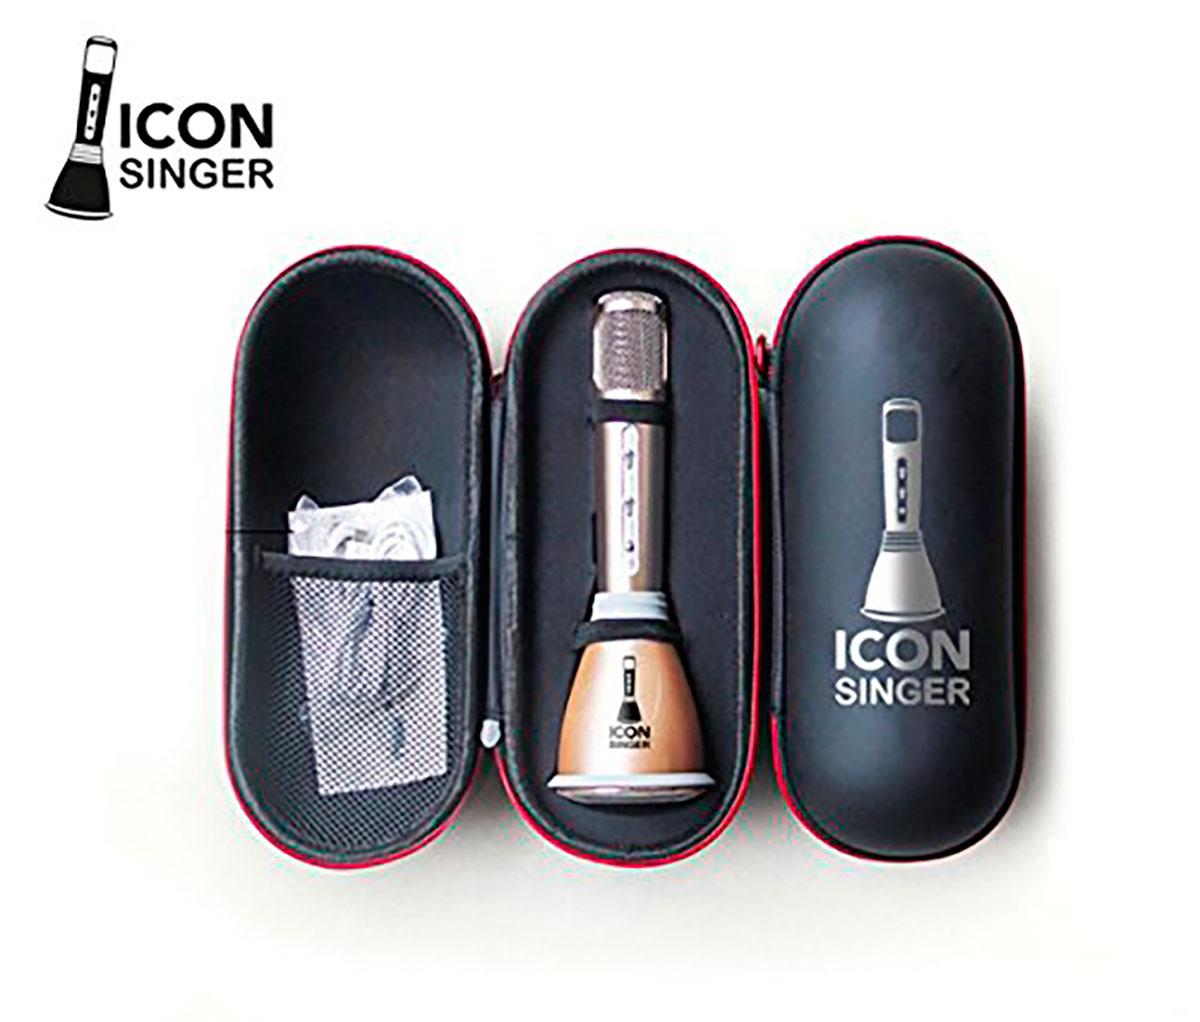 Micrófono Icon Singer de Motorola